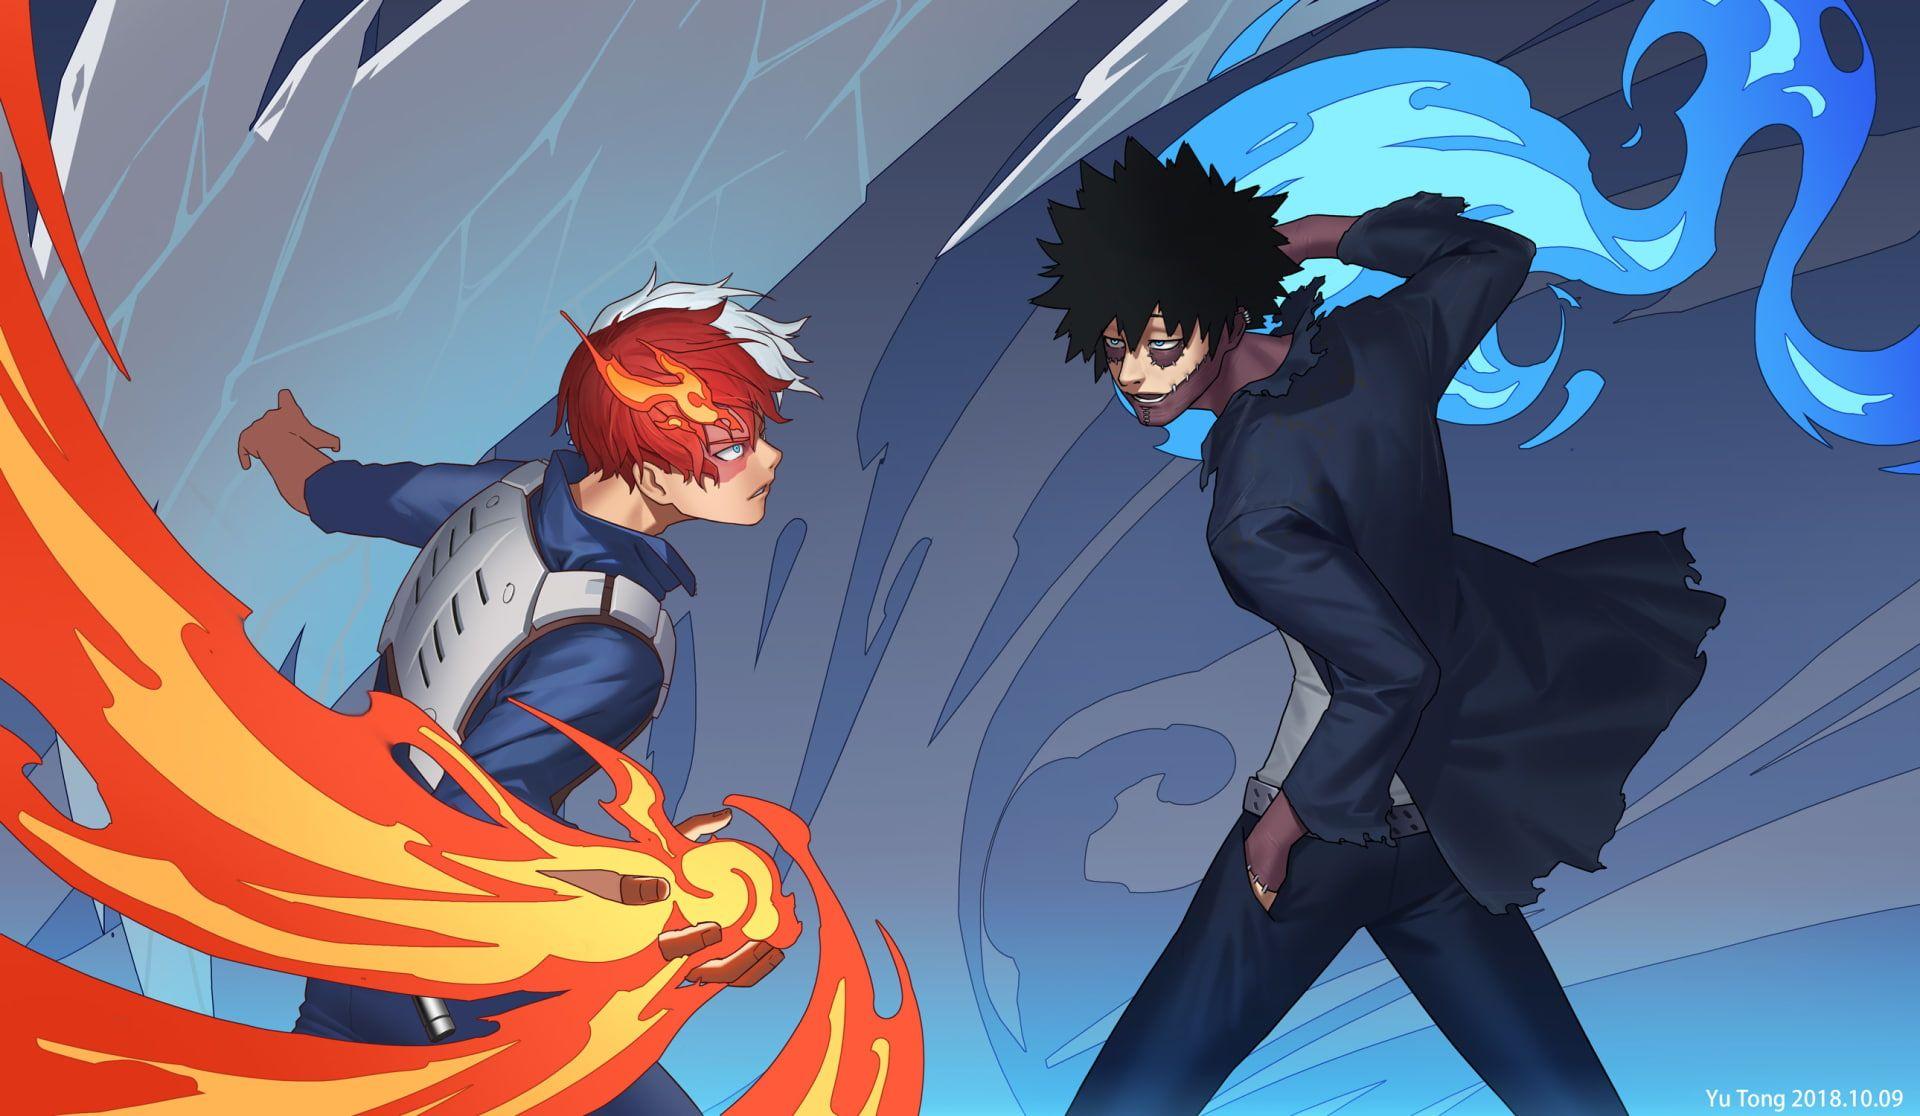 Anime My Hero Academia Dabi Boku No Hero Academia Shoto Todoroki